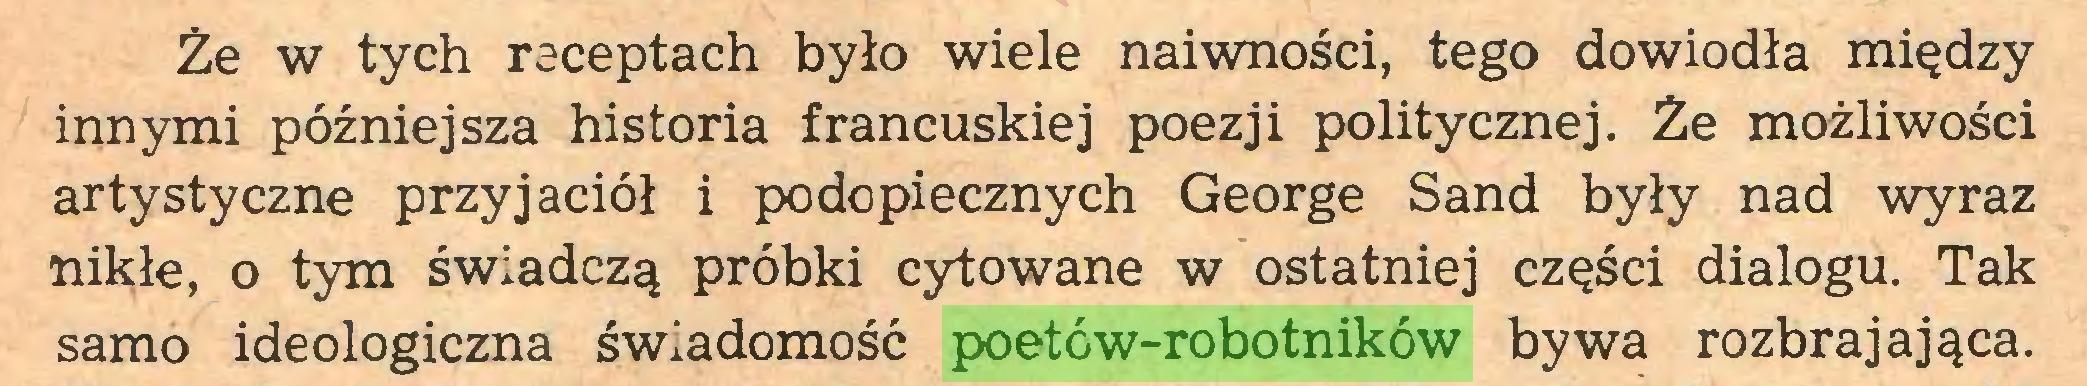 (...) Że w tych receptach było wiele naiwności, tego dowiodła między innymi późniejsza historia francuskiej poezji politycznej. Że możliwości artystyczne przyjaciół i podopiecznych George Sand były nad wyraz nikłe, o tym świadczą próbki cytowane w ostatniej części dialogu. Tak samo ideologiczna świadomość poetów-robotników bywa rozbrajająca...